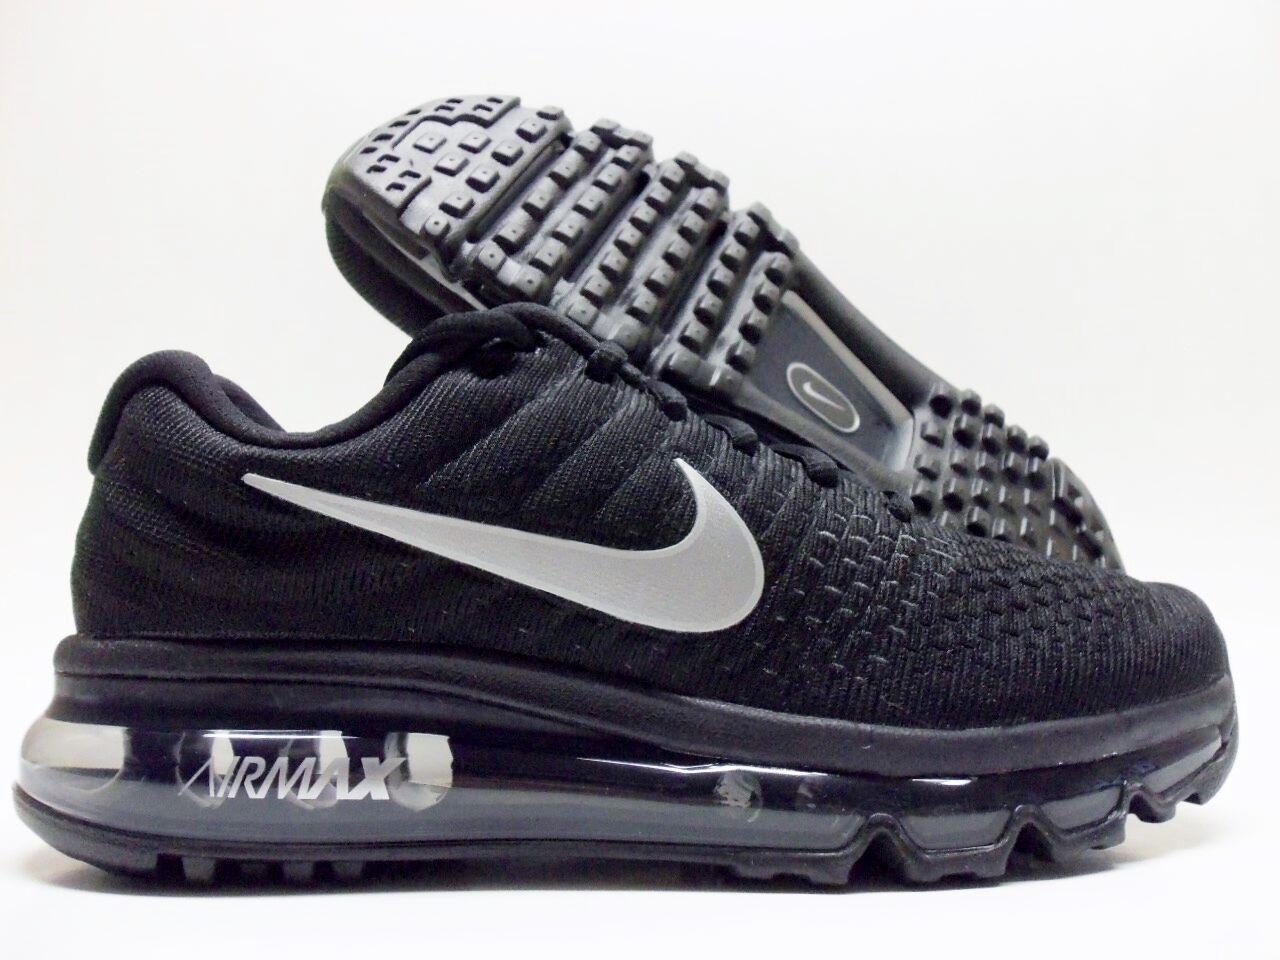 Nike air air Nike max 2017 schwarz / Weiß-anthracite   8,5 801155